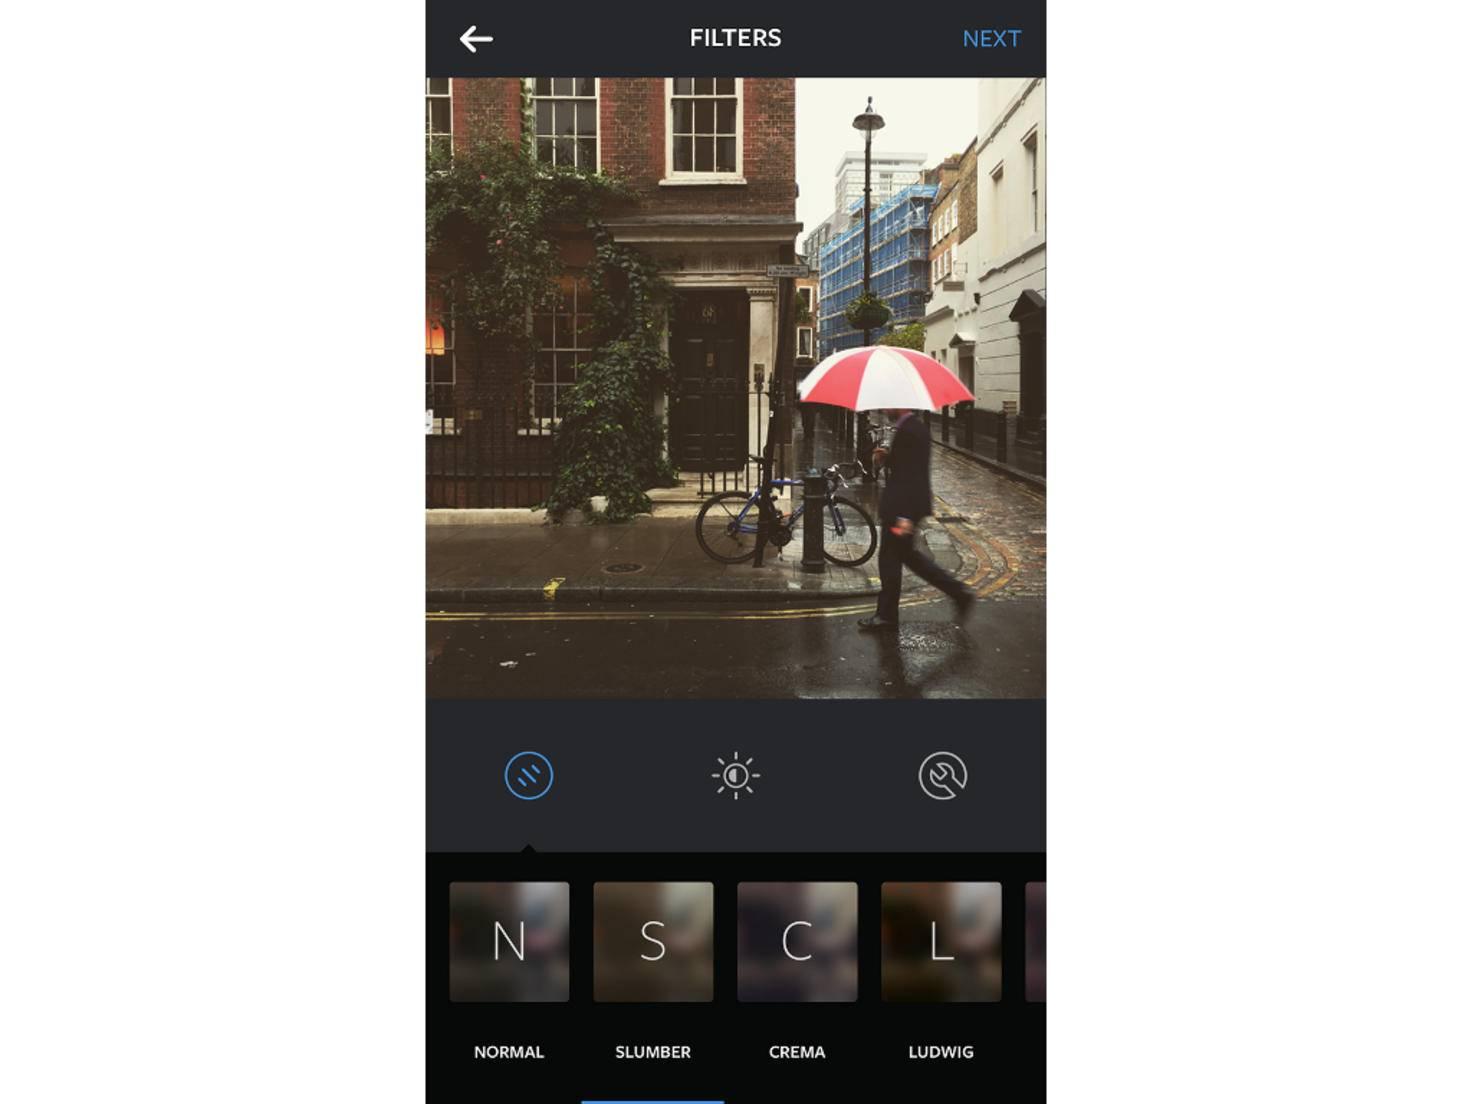 Der Filter Slumber ist einer von 24 Effekten bei Instagram.